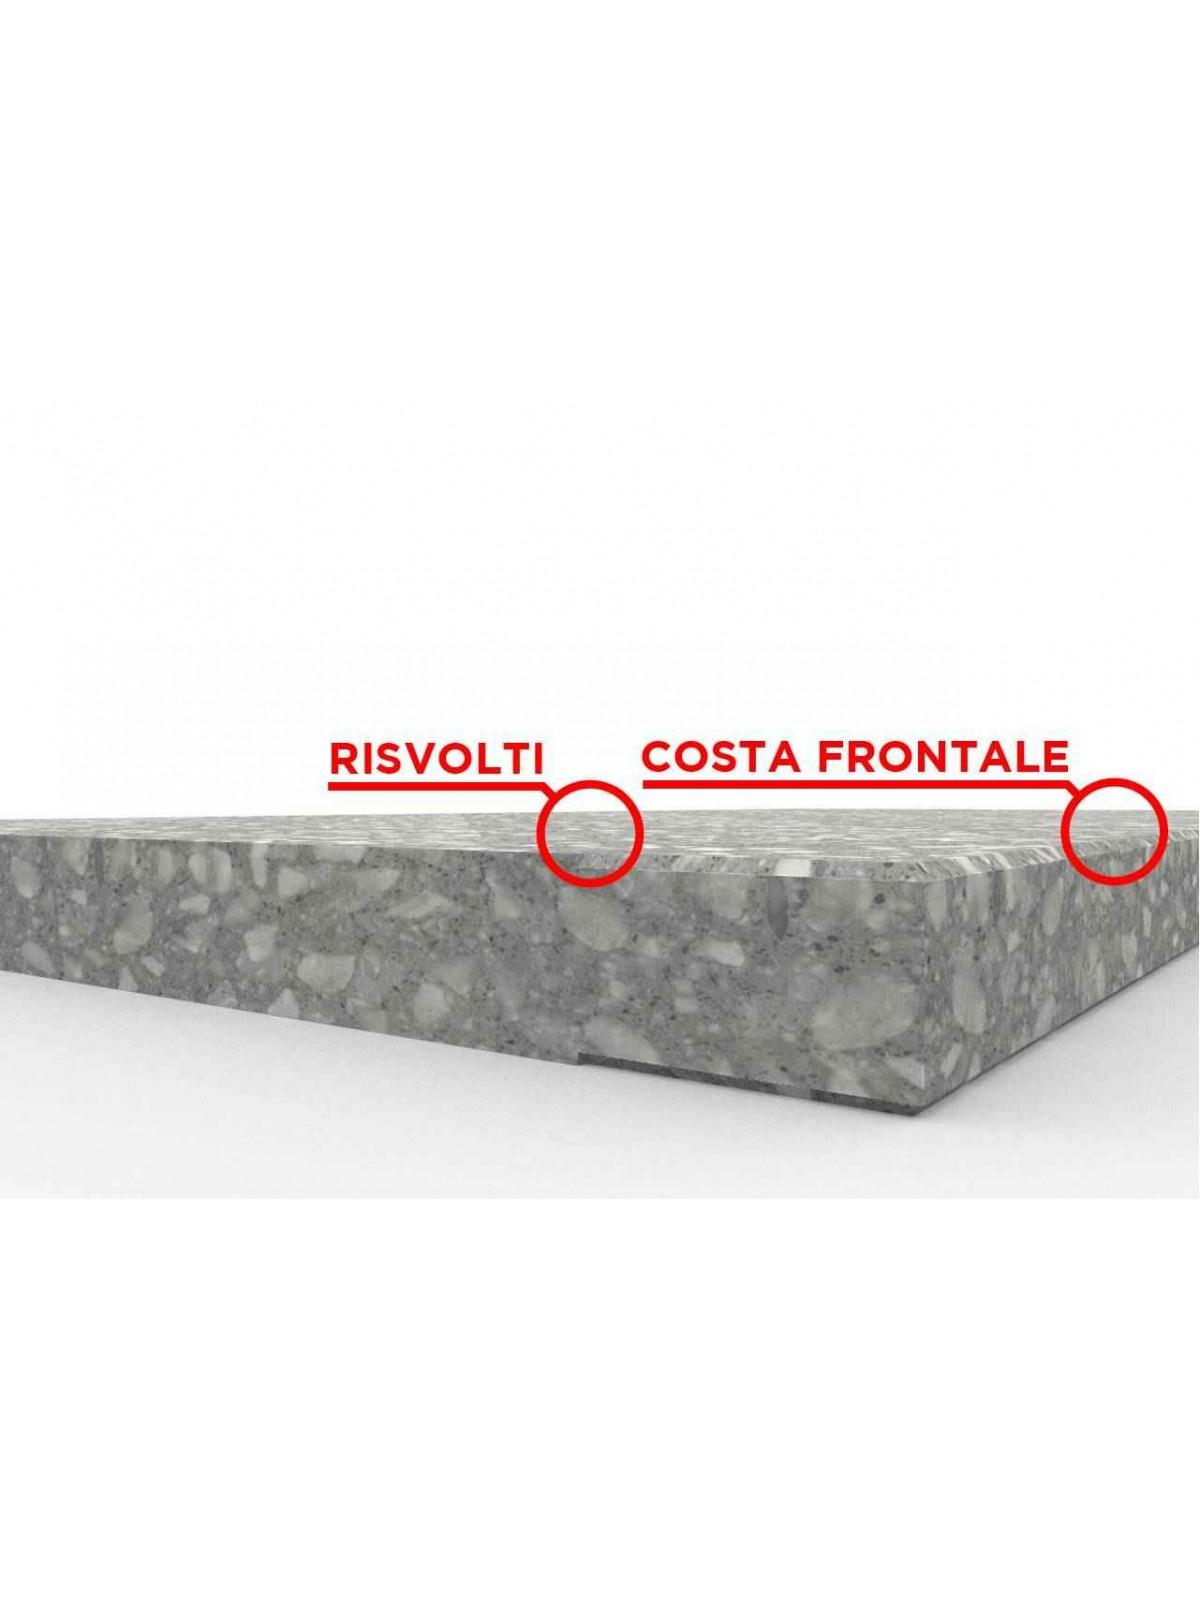 Schwellenwerte in Terrasse SB 240 Torcello